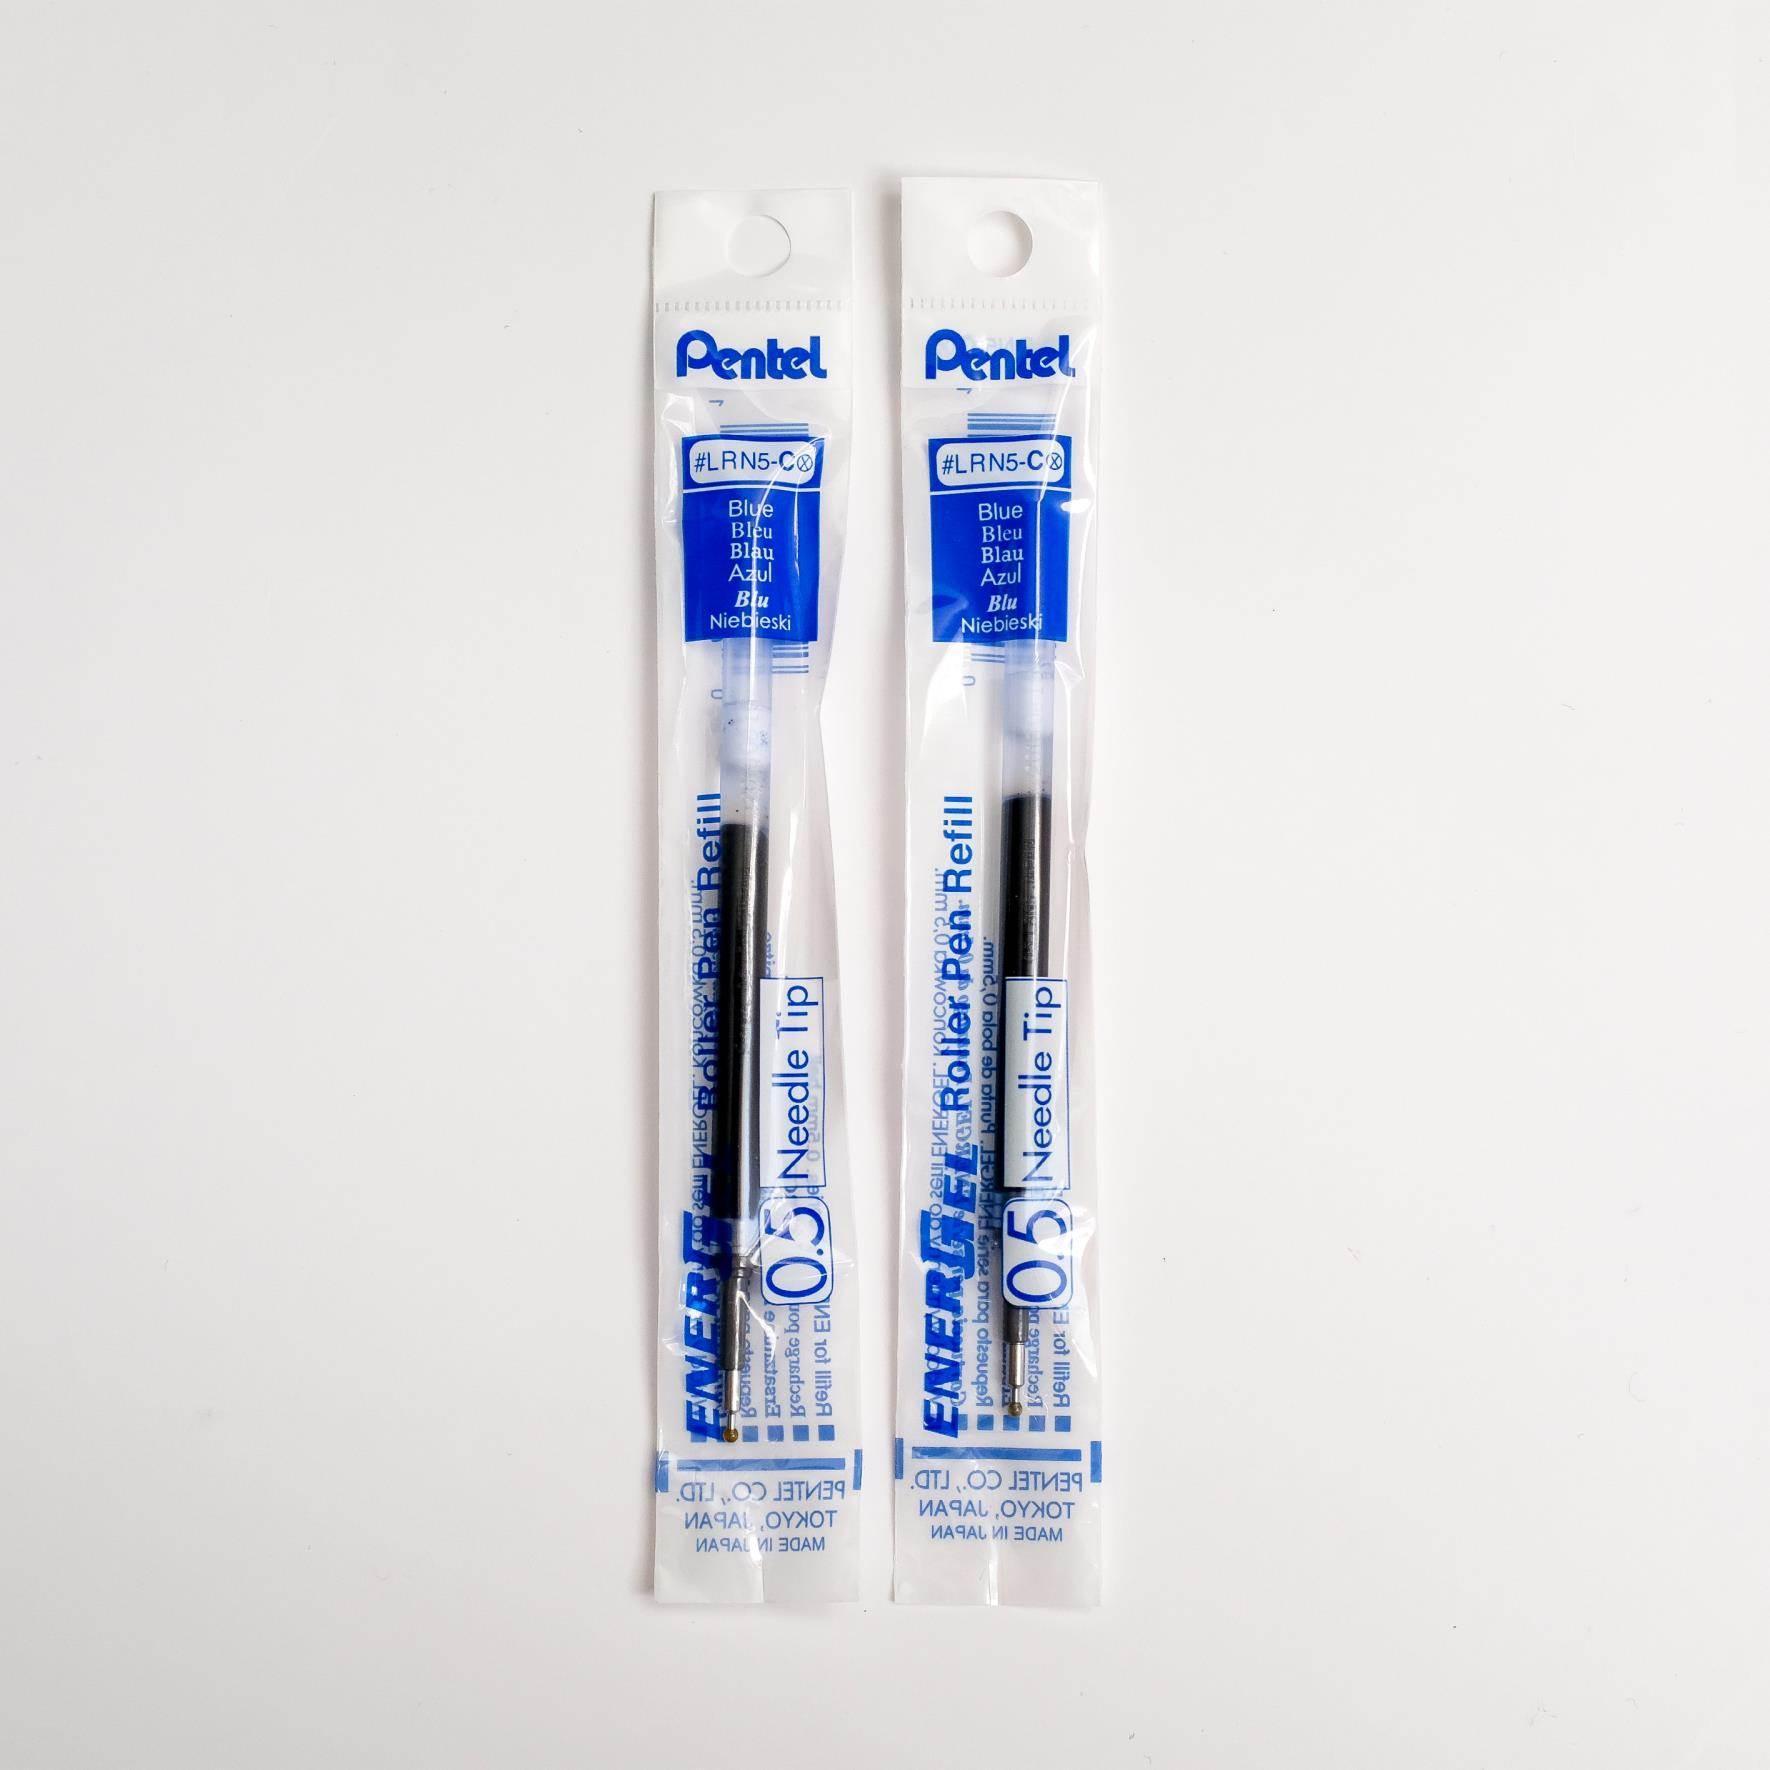 Pentel Energel 0.5 Mm Ink Refill (lrn5) By Pentel Singapore.